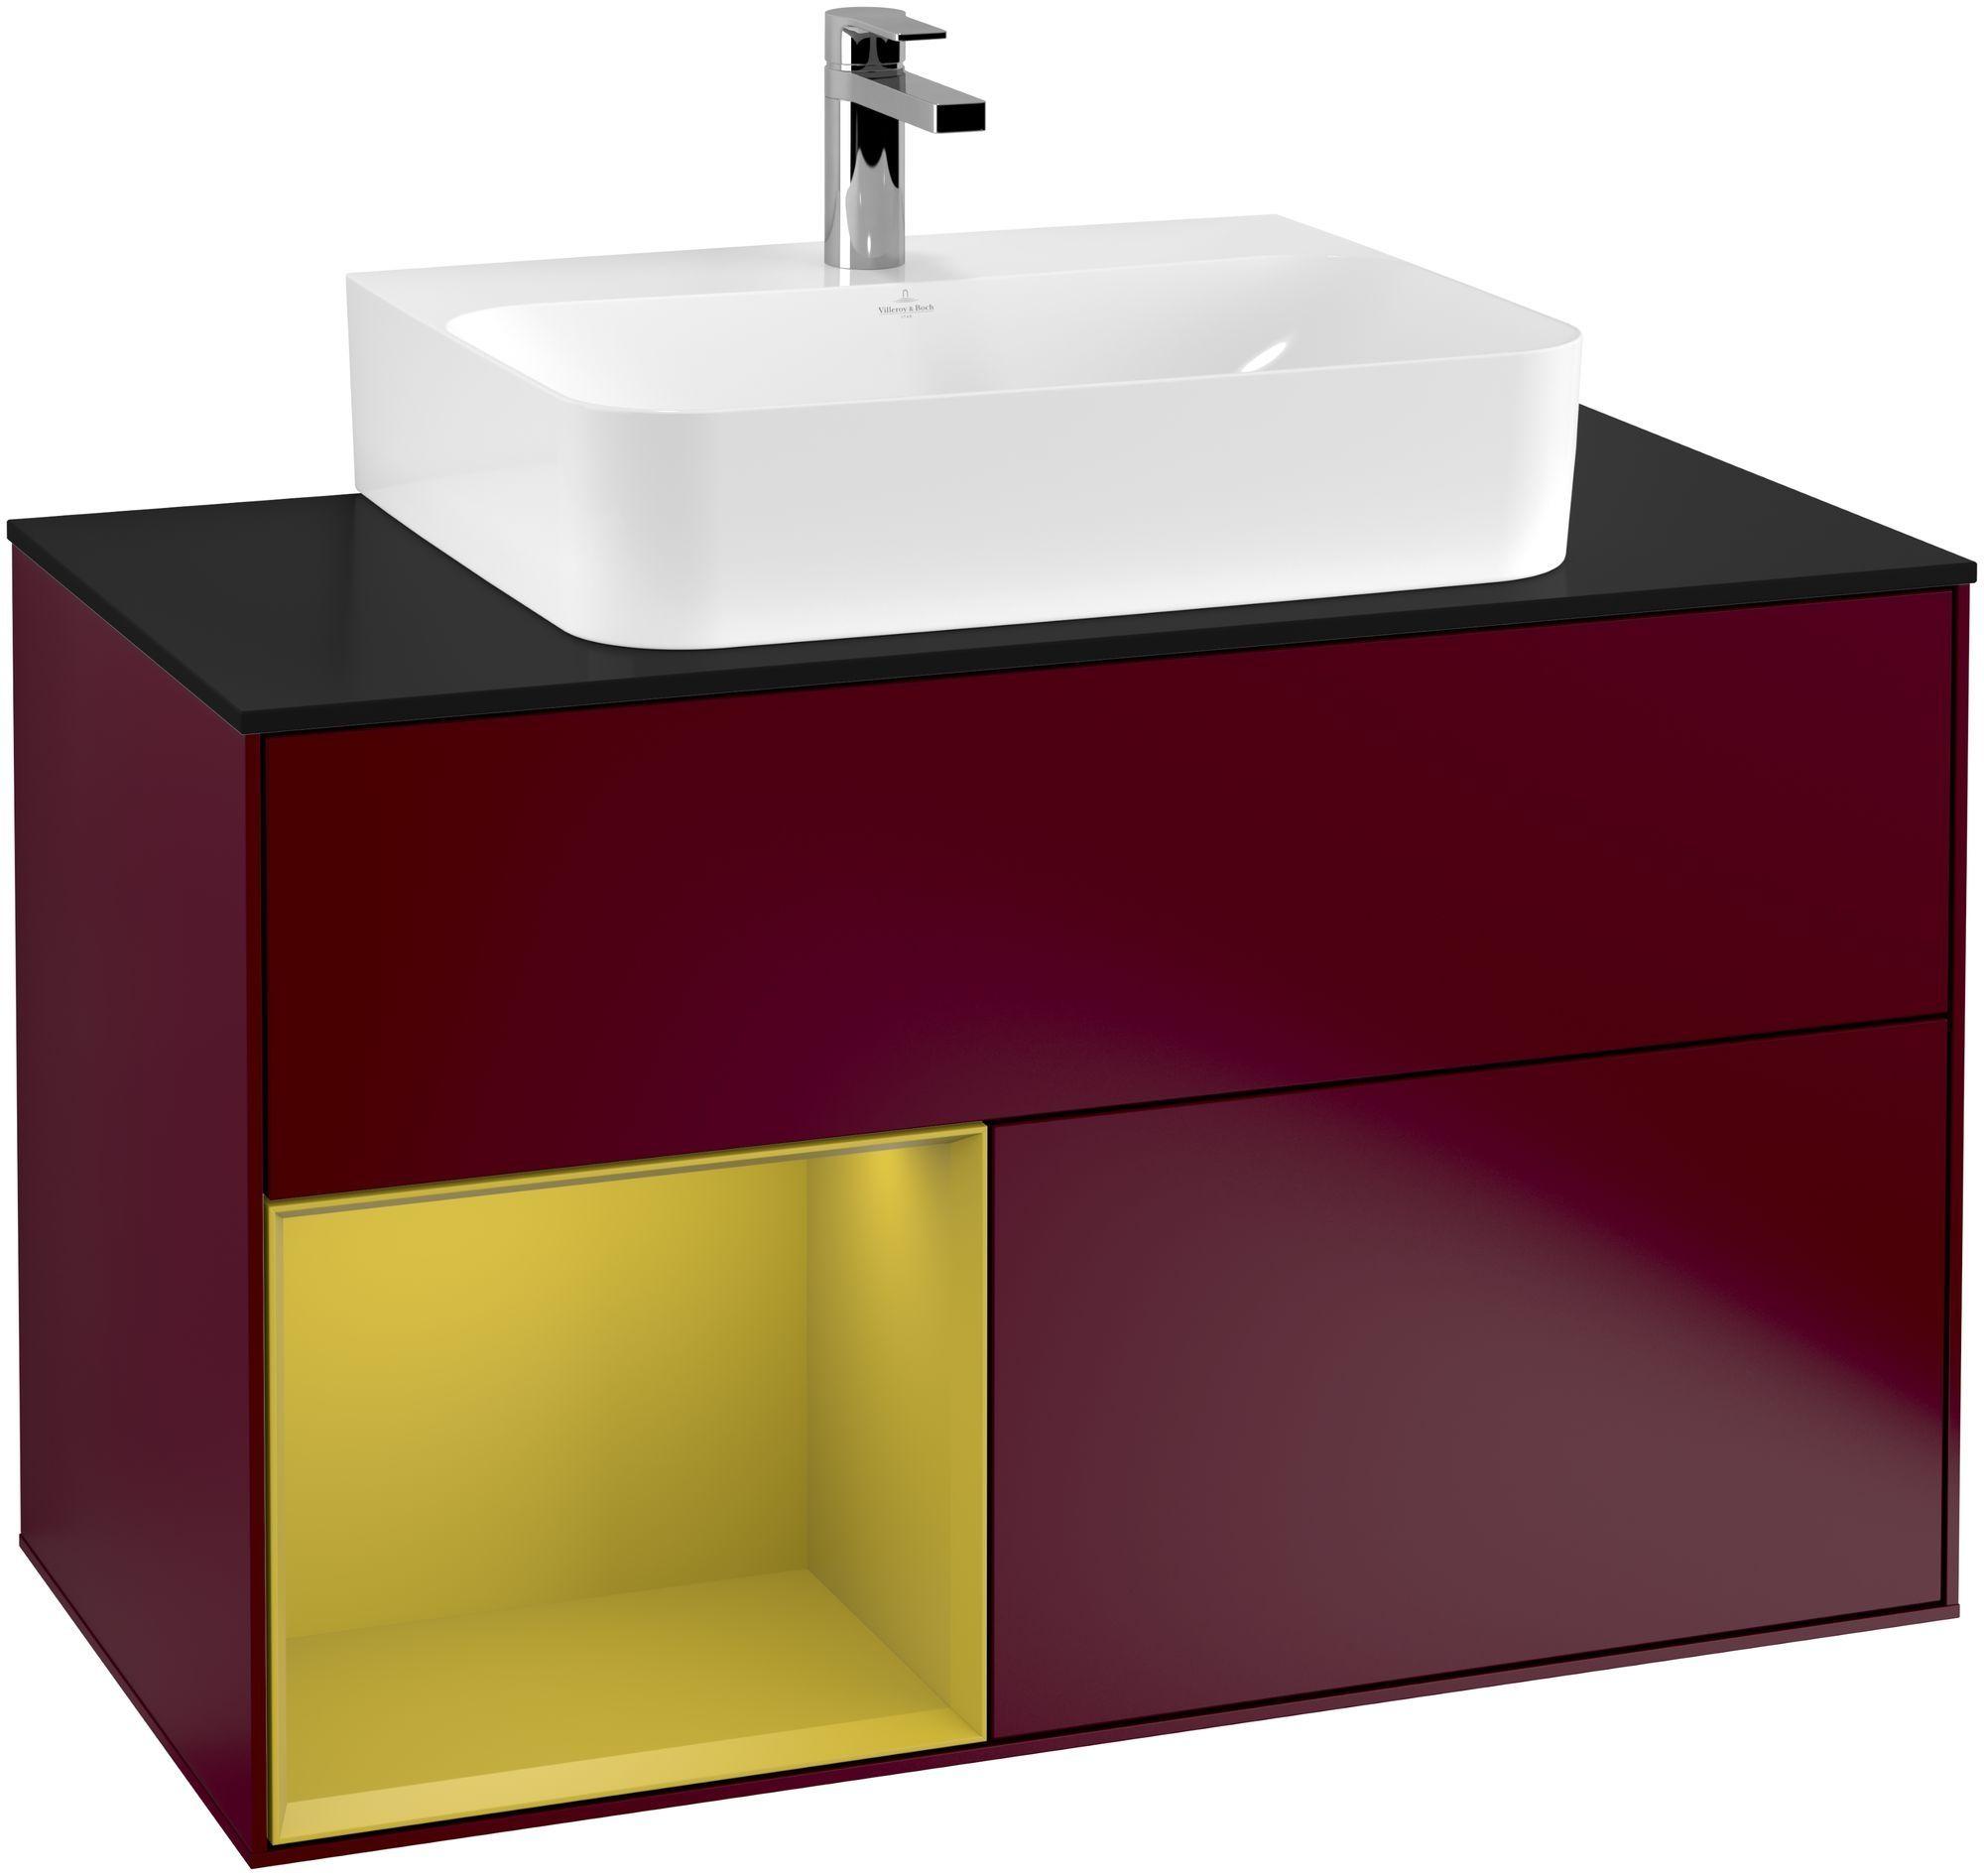 Villeroy & Boch Finion F11 Waschtischunterschrank mit Regalelement 2 Auszüge für WT mittig LED-Beleuchtung B:100xH:60,3xT:50,1cm Front, Korpus: Peony, Regal: Sun, Glasplatte: Black Matt F112HEHB